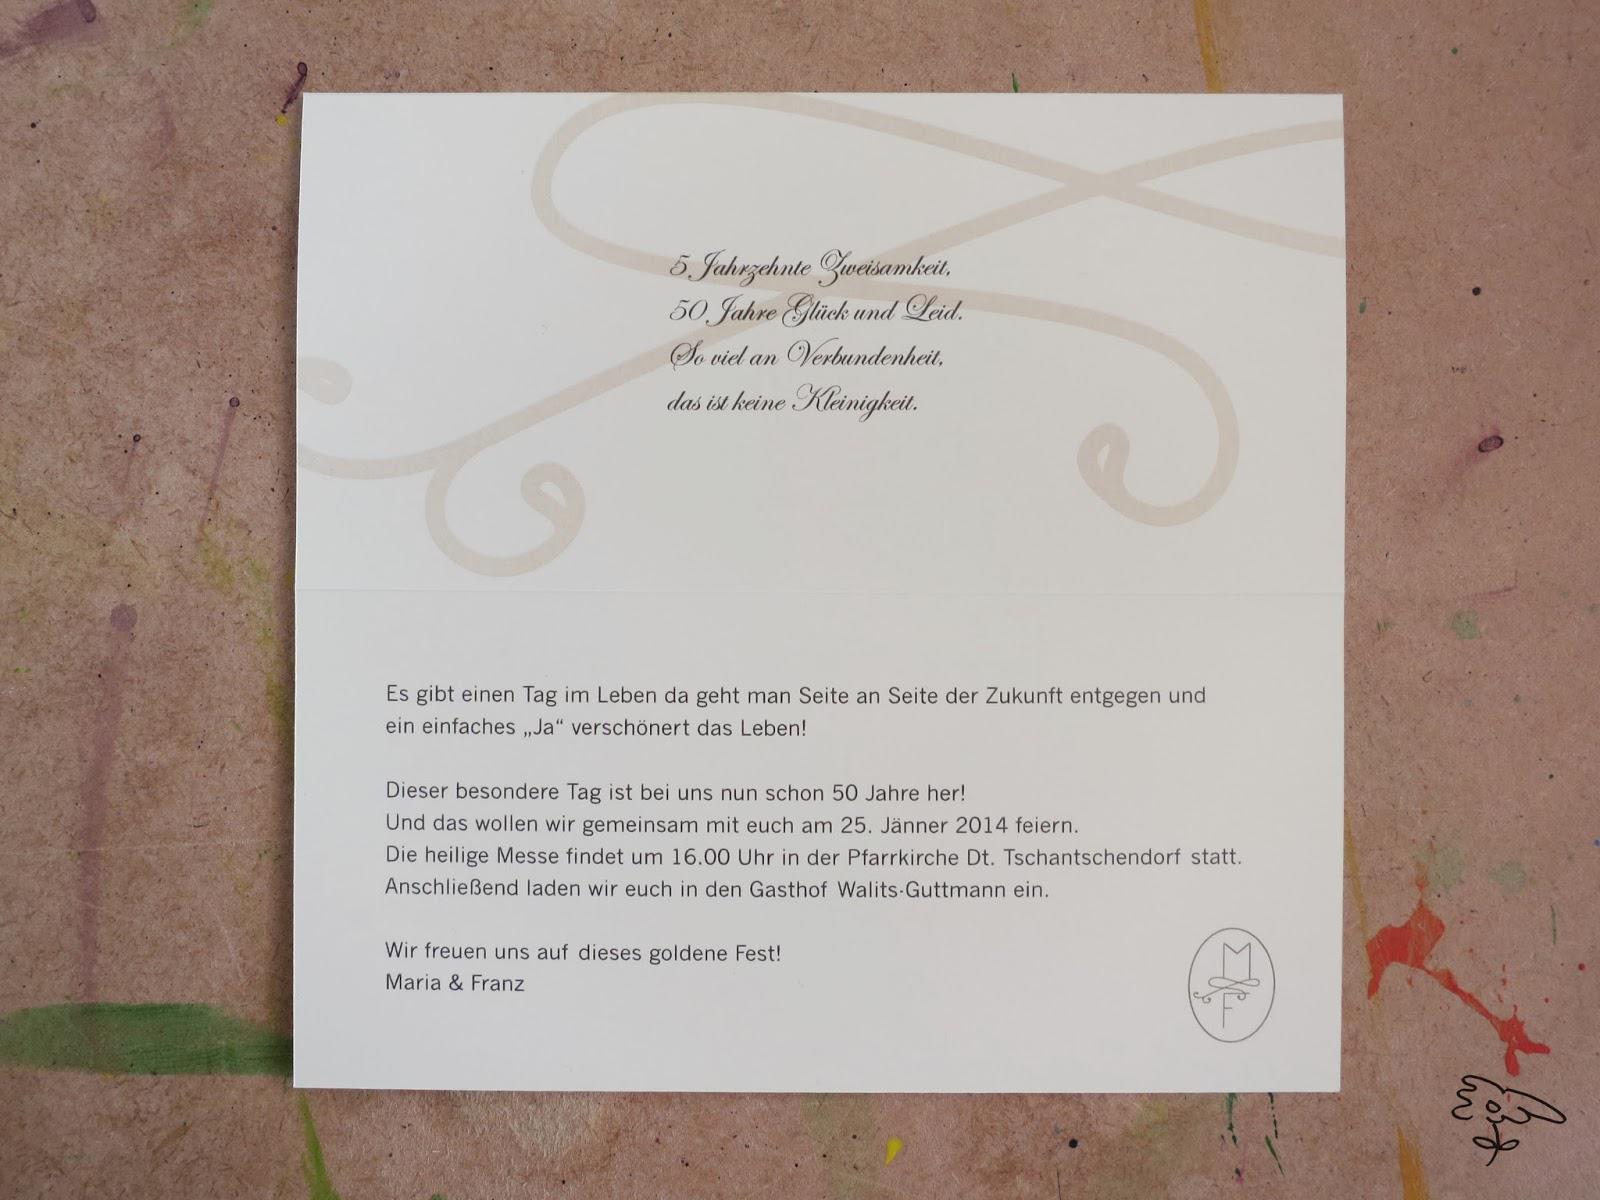 Einladungskarten Goldene Hochzeit Kostenlos Ausdrucken  Einladungskarten Goldene Hochzeit